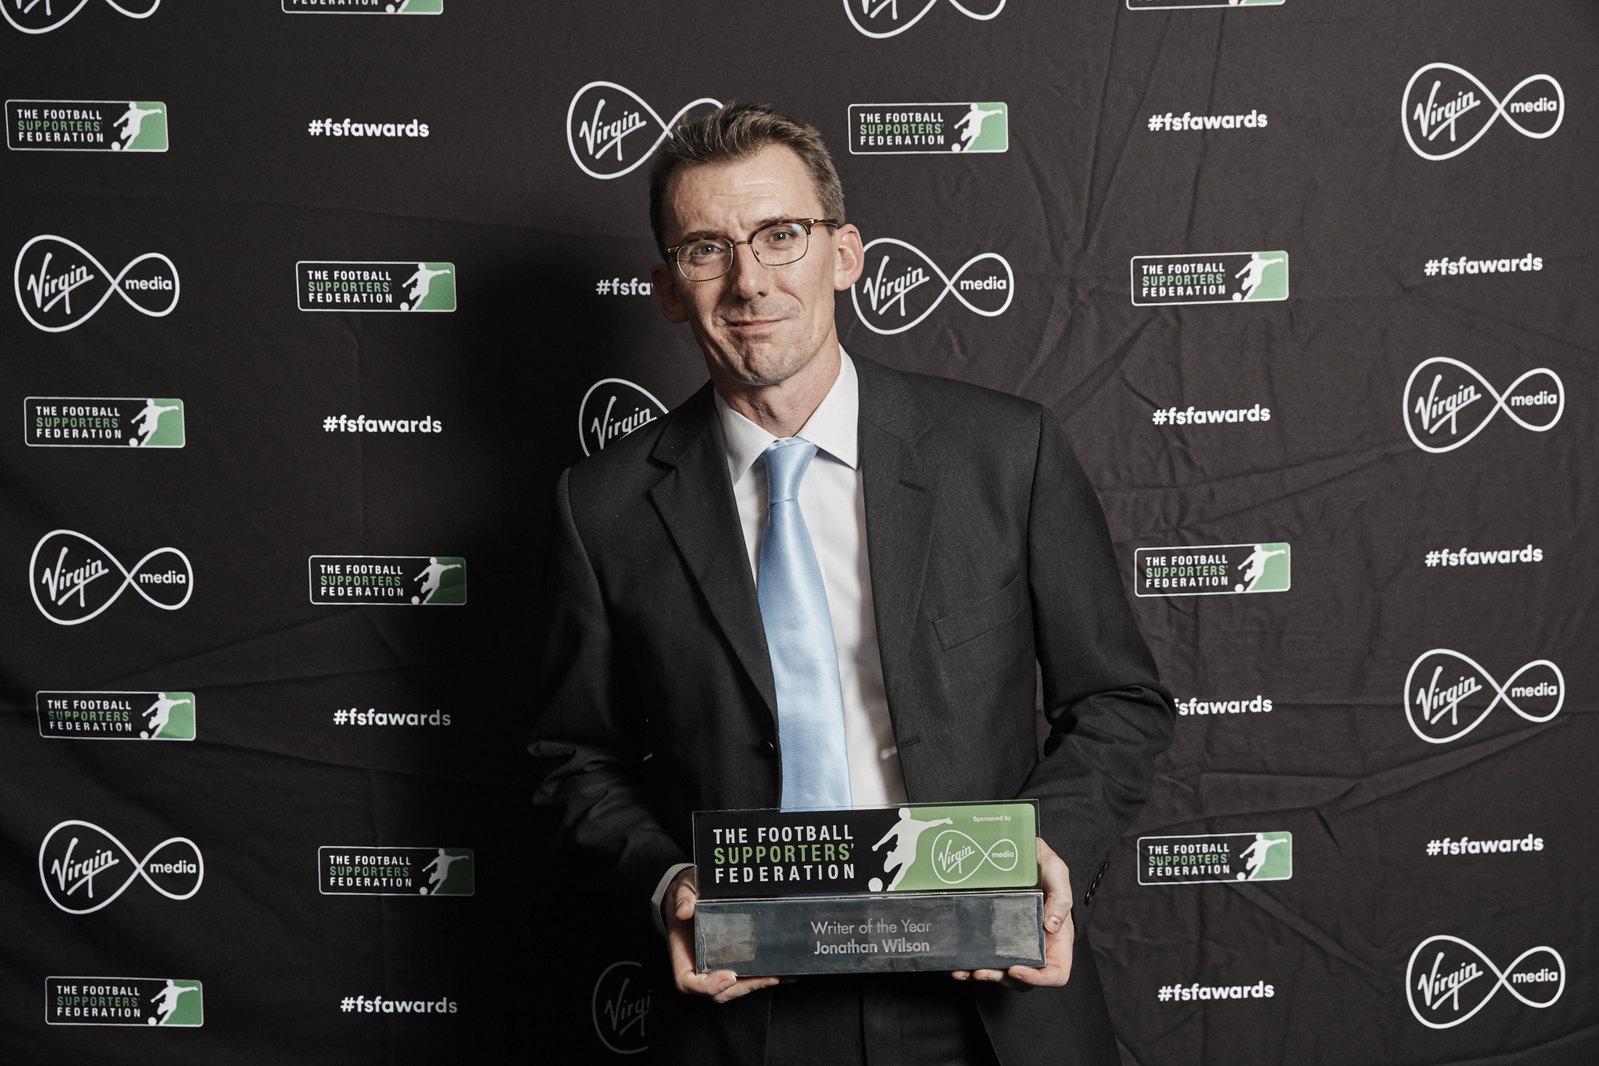 Writer of the Year - Jonathan Wilson